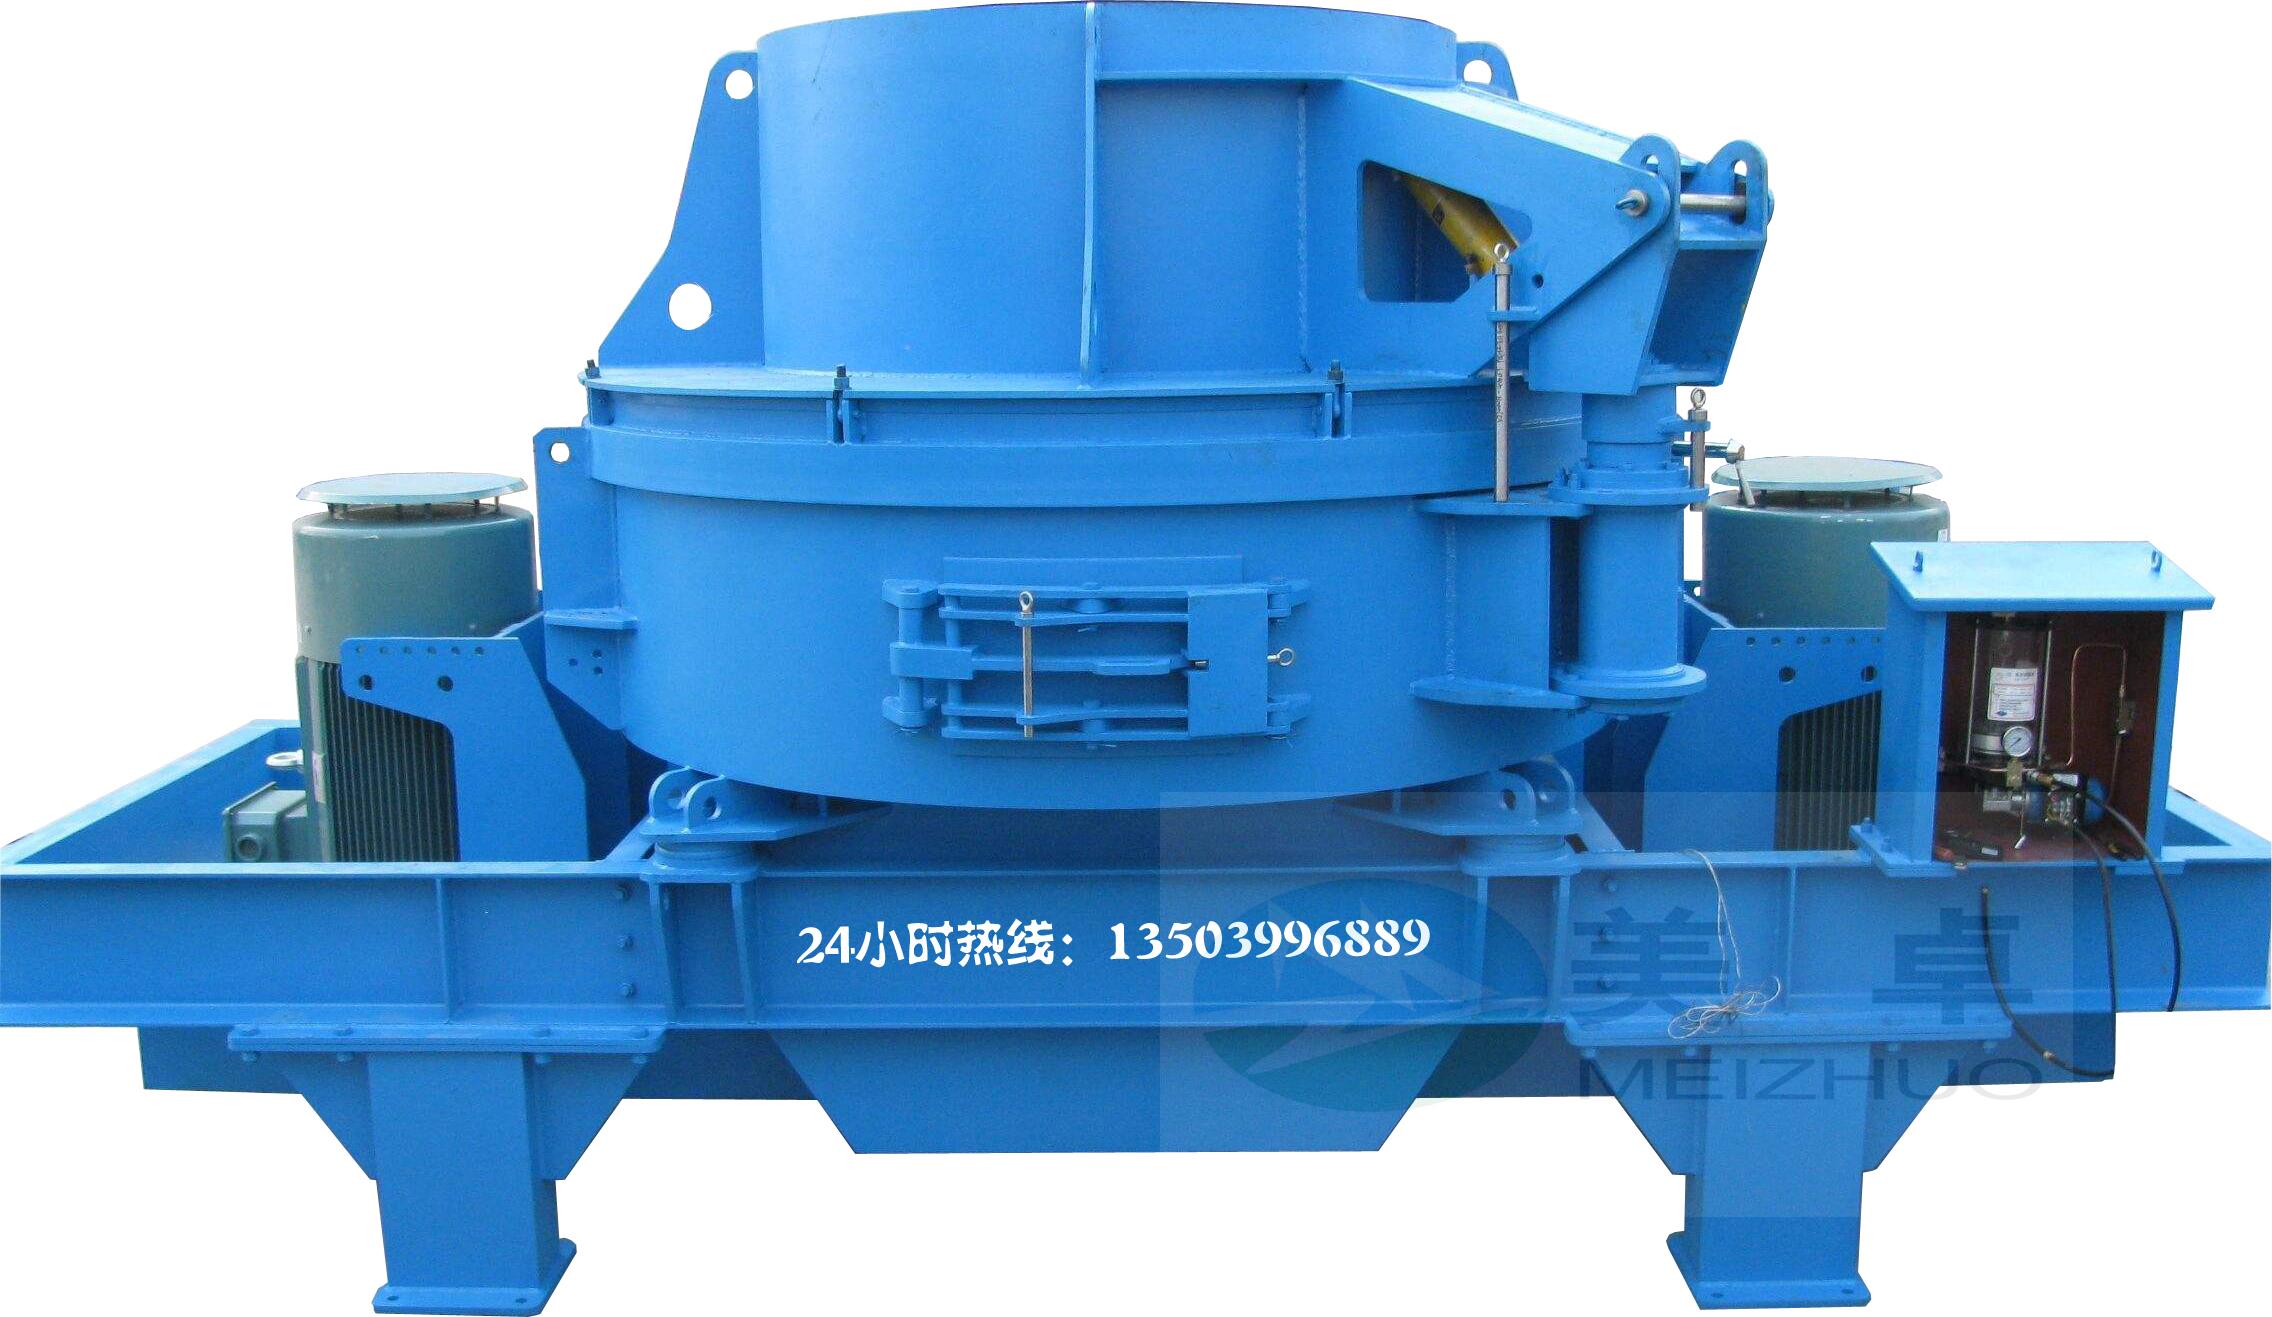 矿山机械制造业的砥柱—制砂机